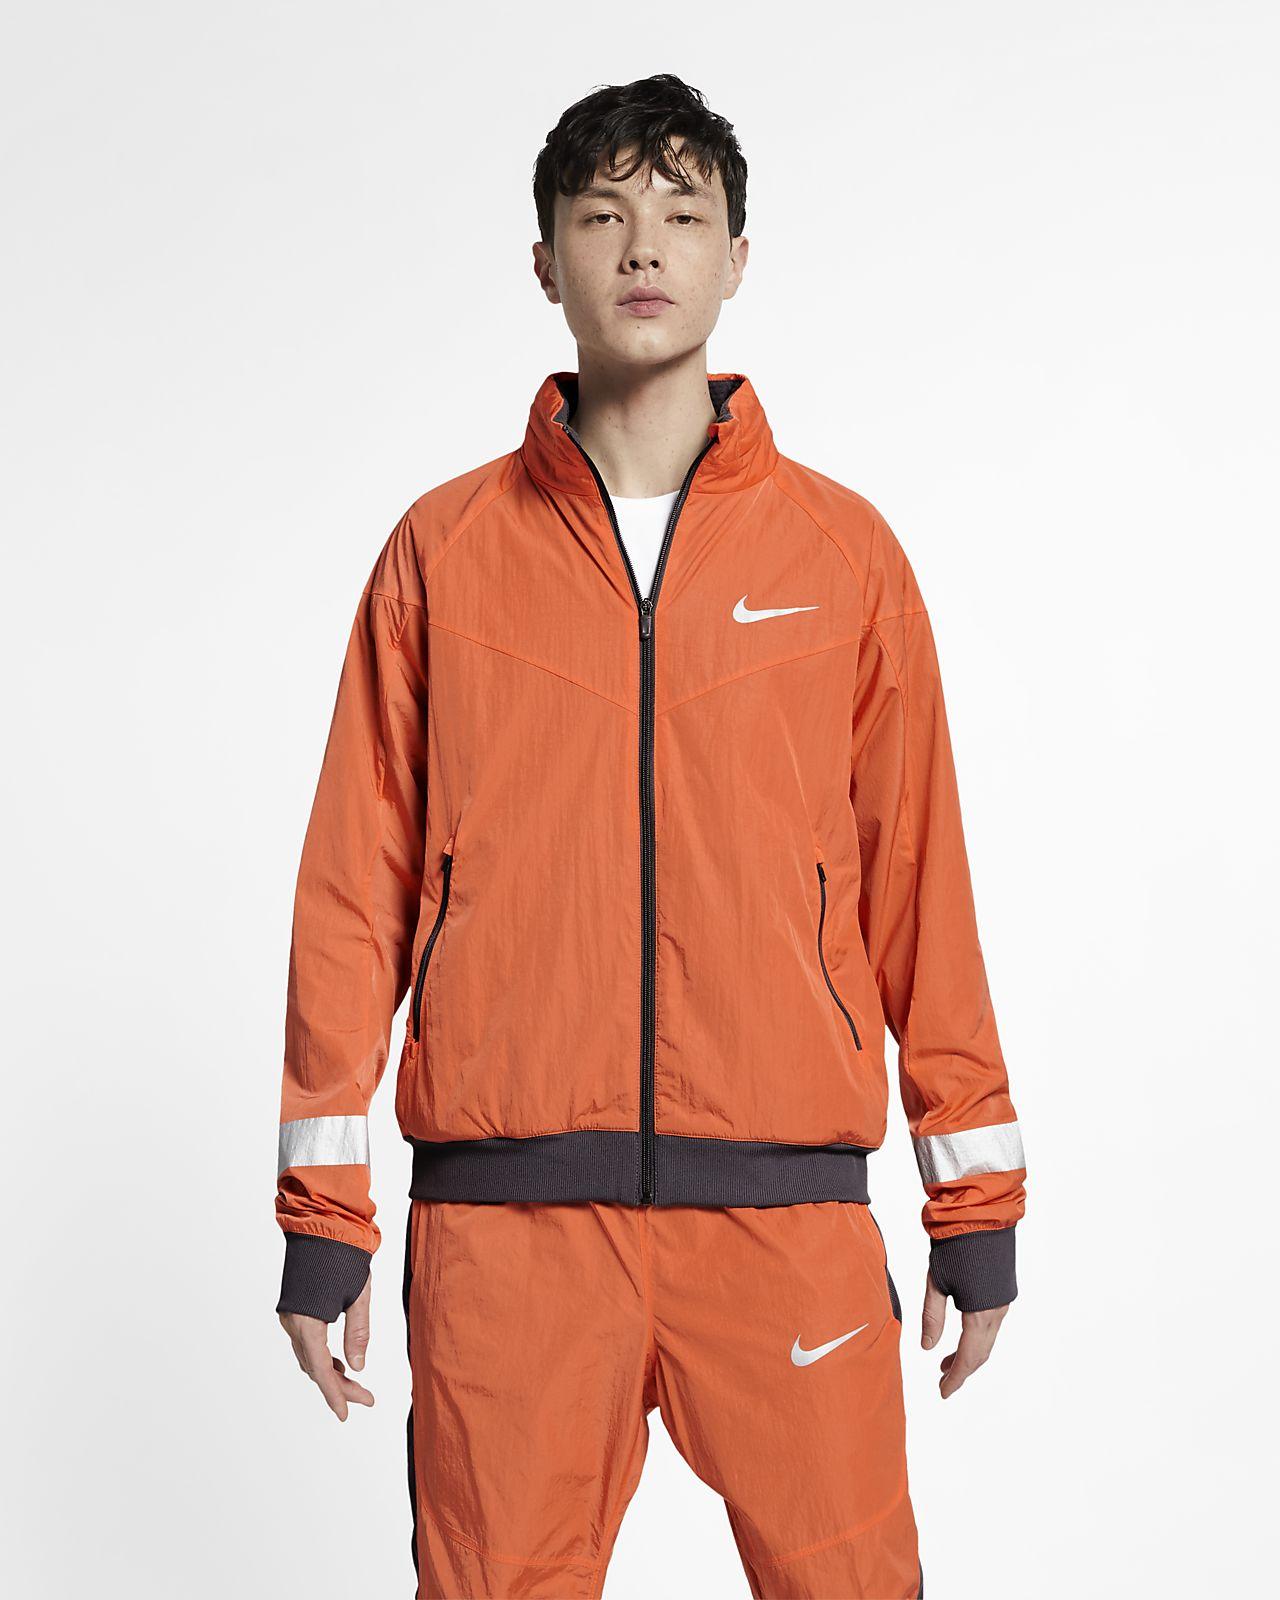 Ανδρικό τζάκετ φόρμας για τρέξιμο Nike Sphere